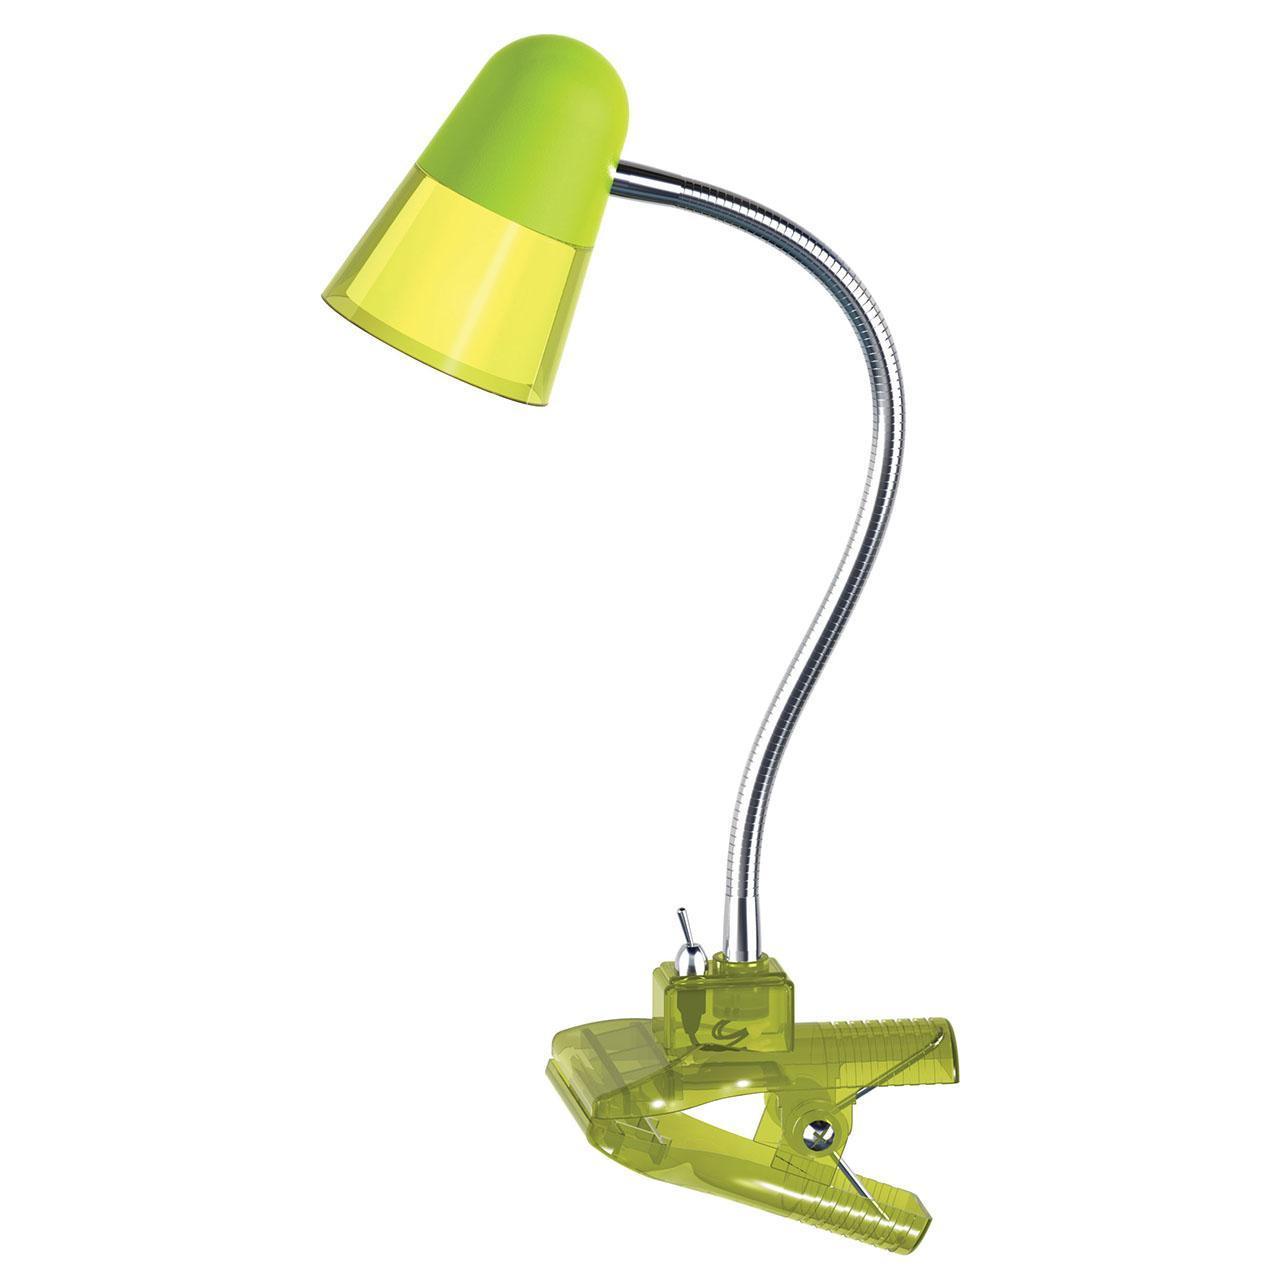 Настольная светодиодная лампа Horoz Bilge зеленая 049-008-0003 (HL014L) цена